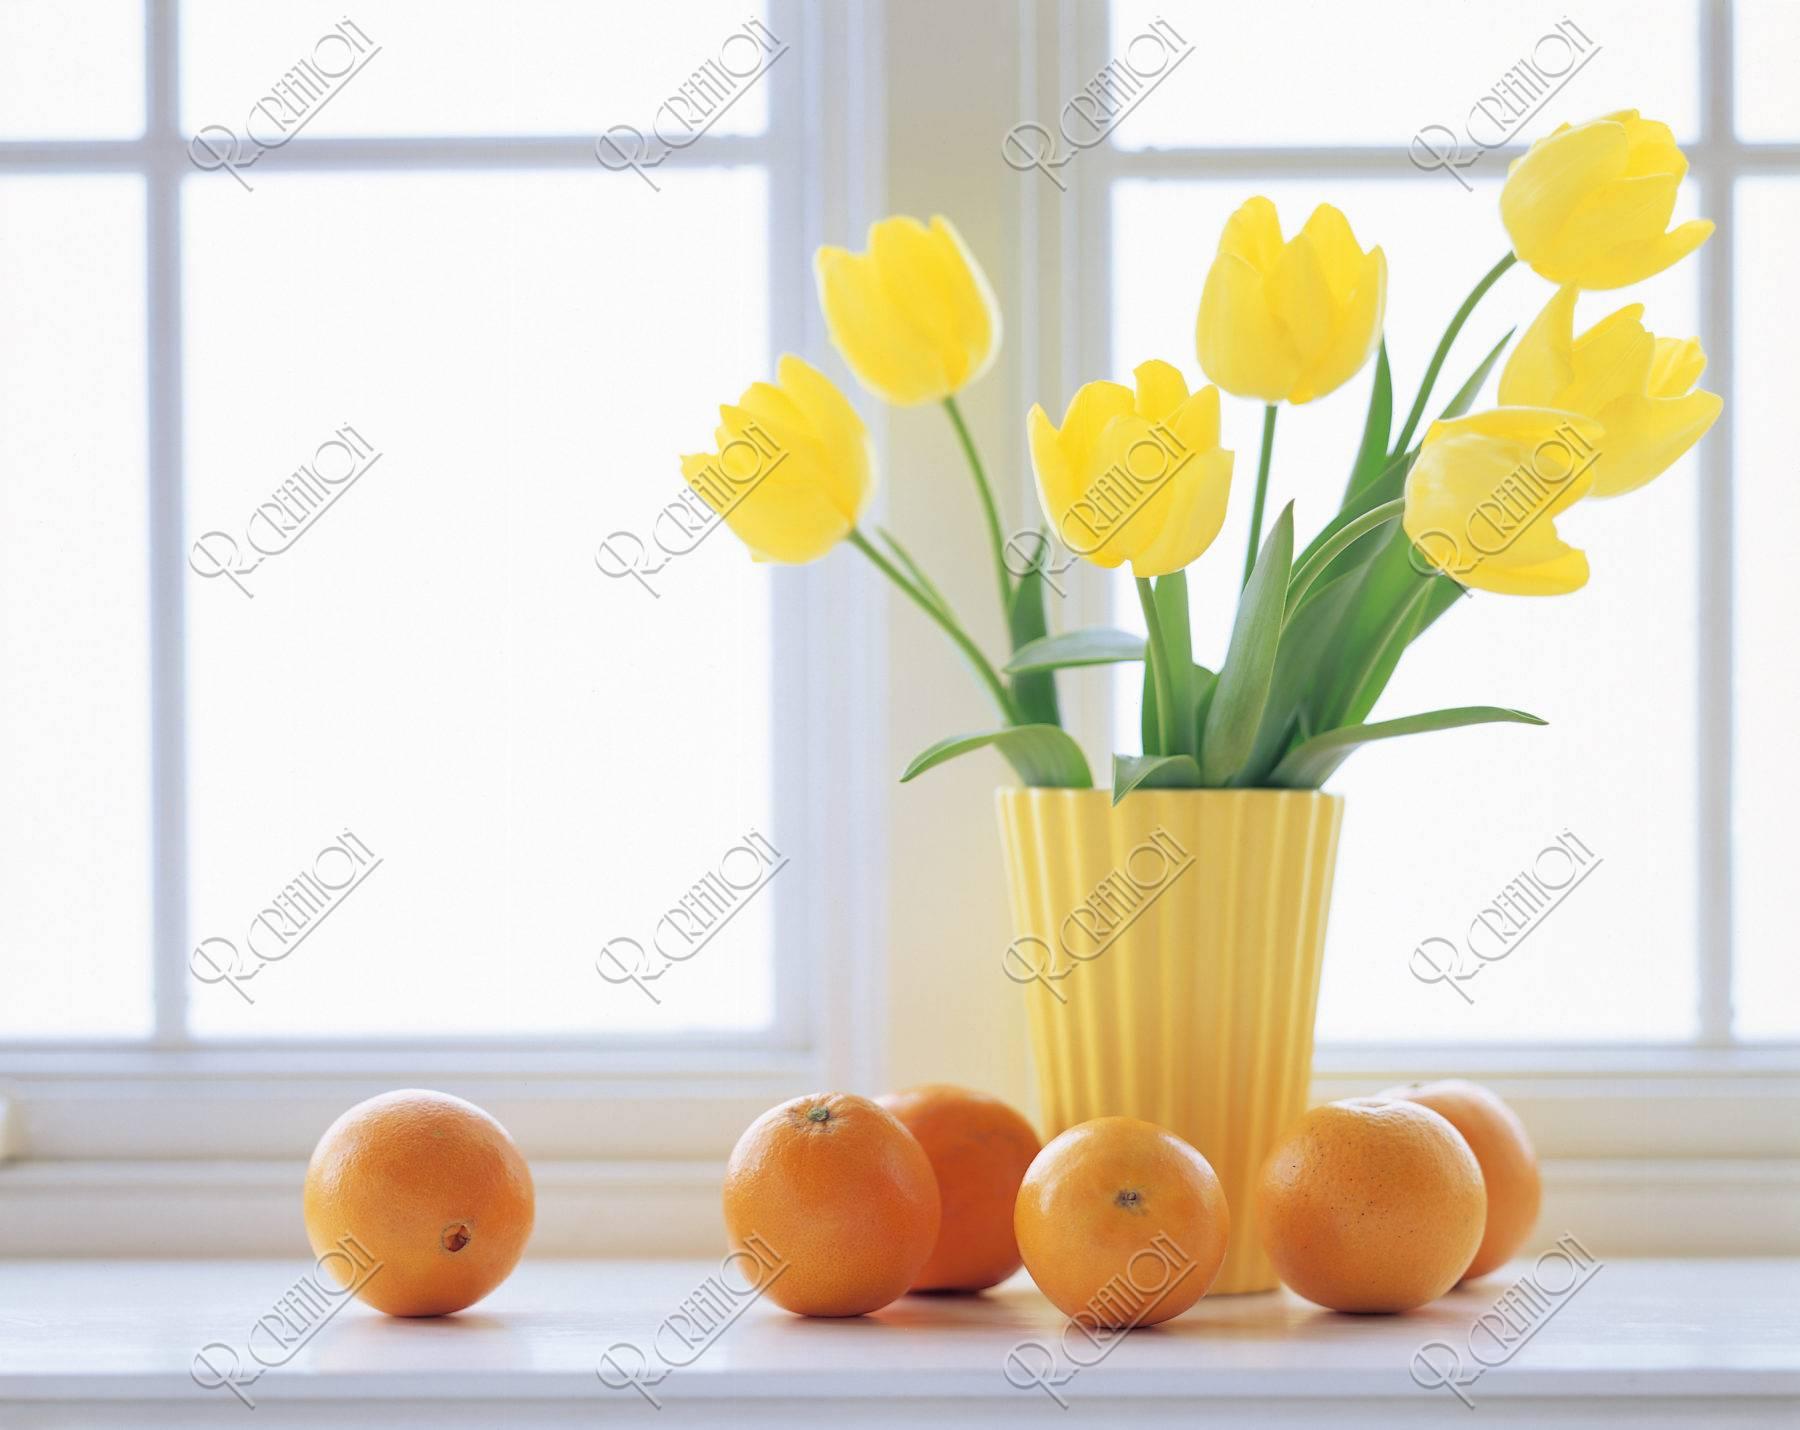 窓辺のチューリップとオレンジ